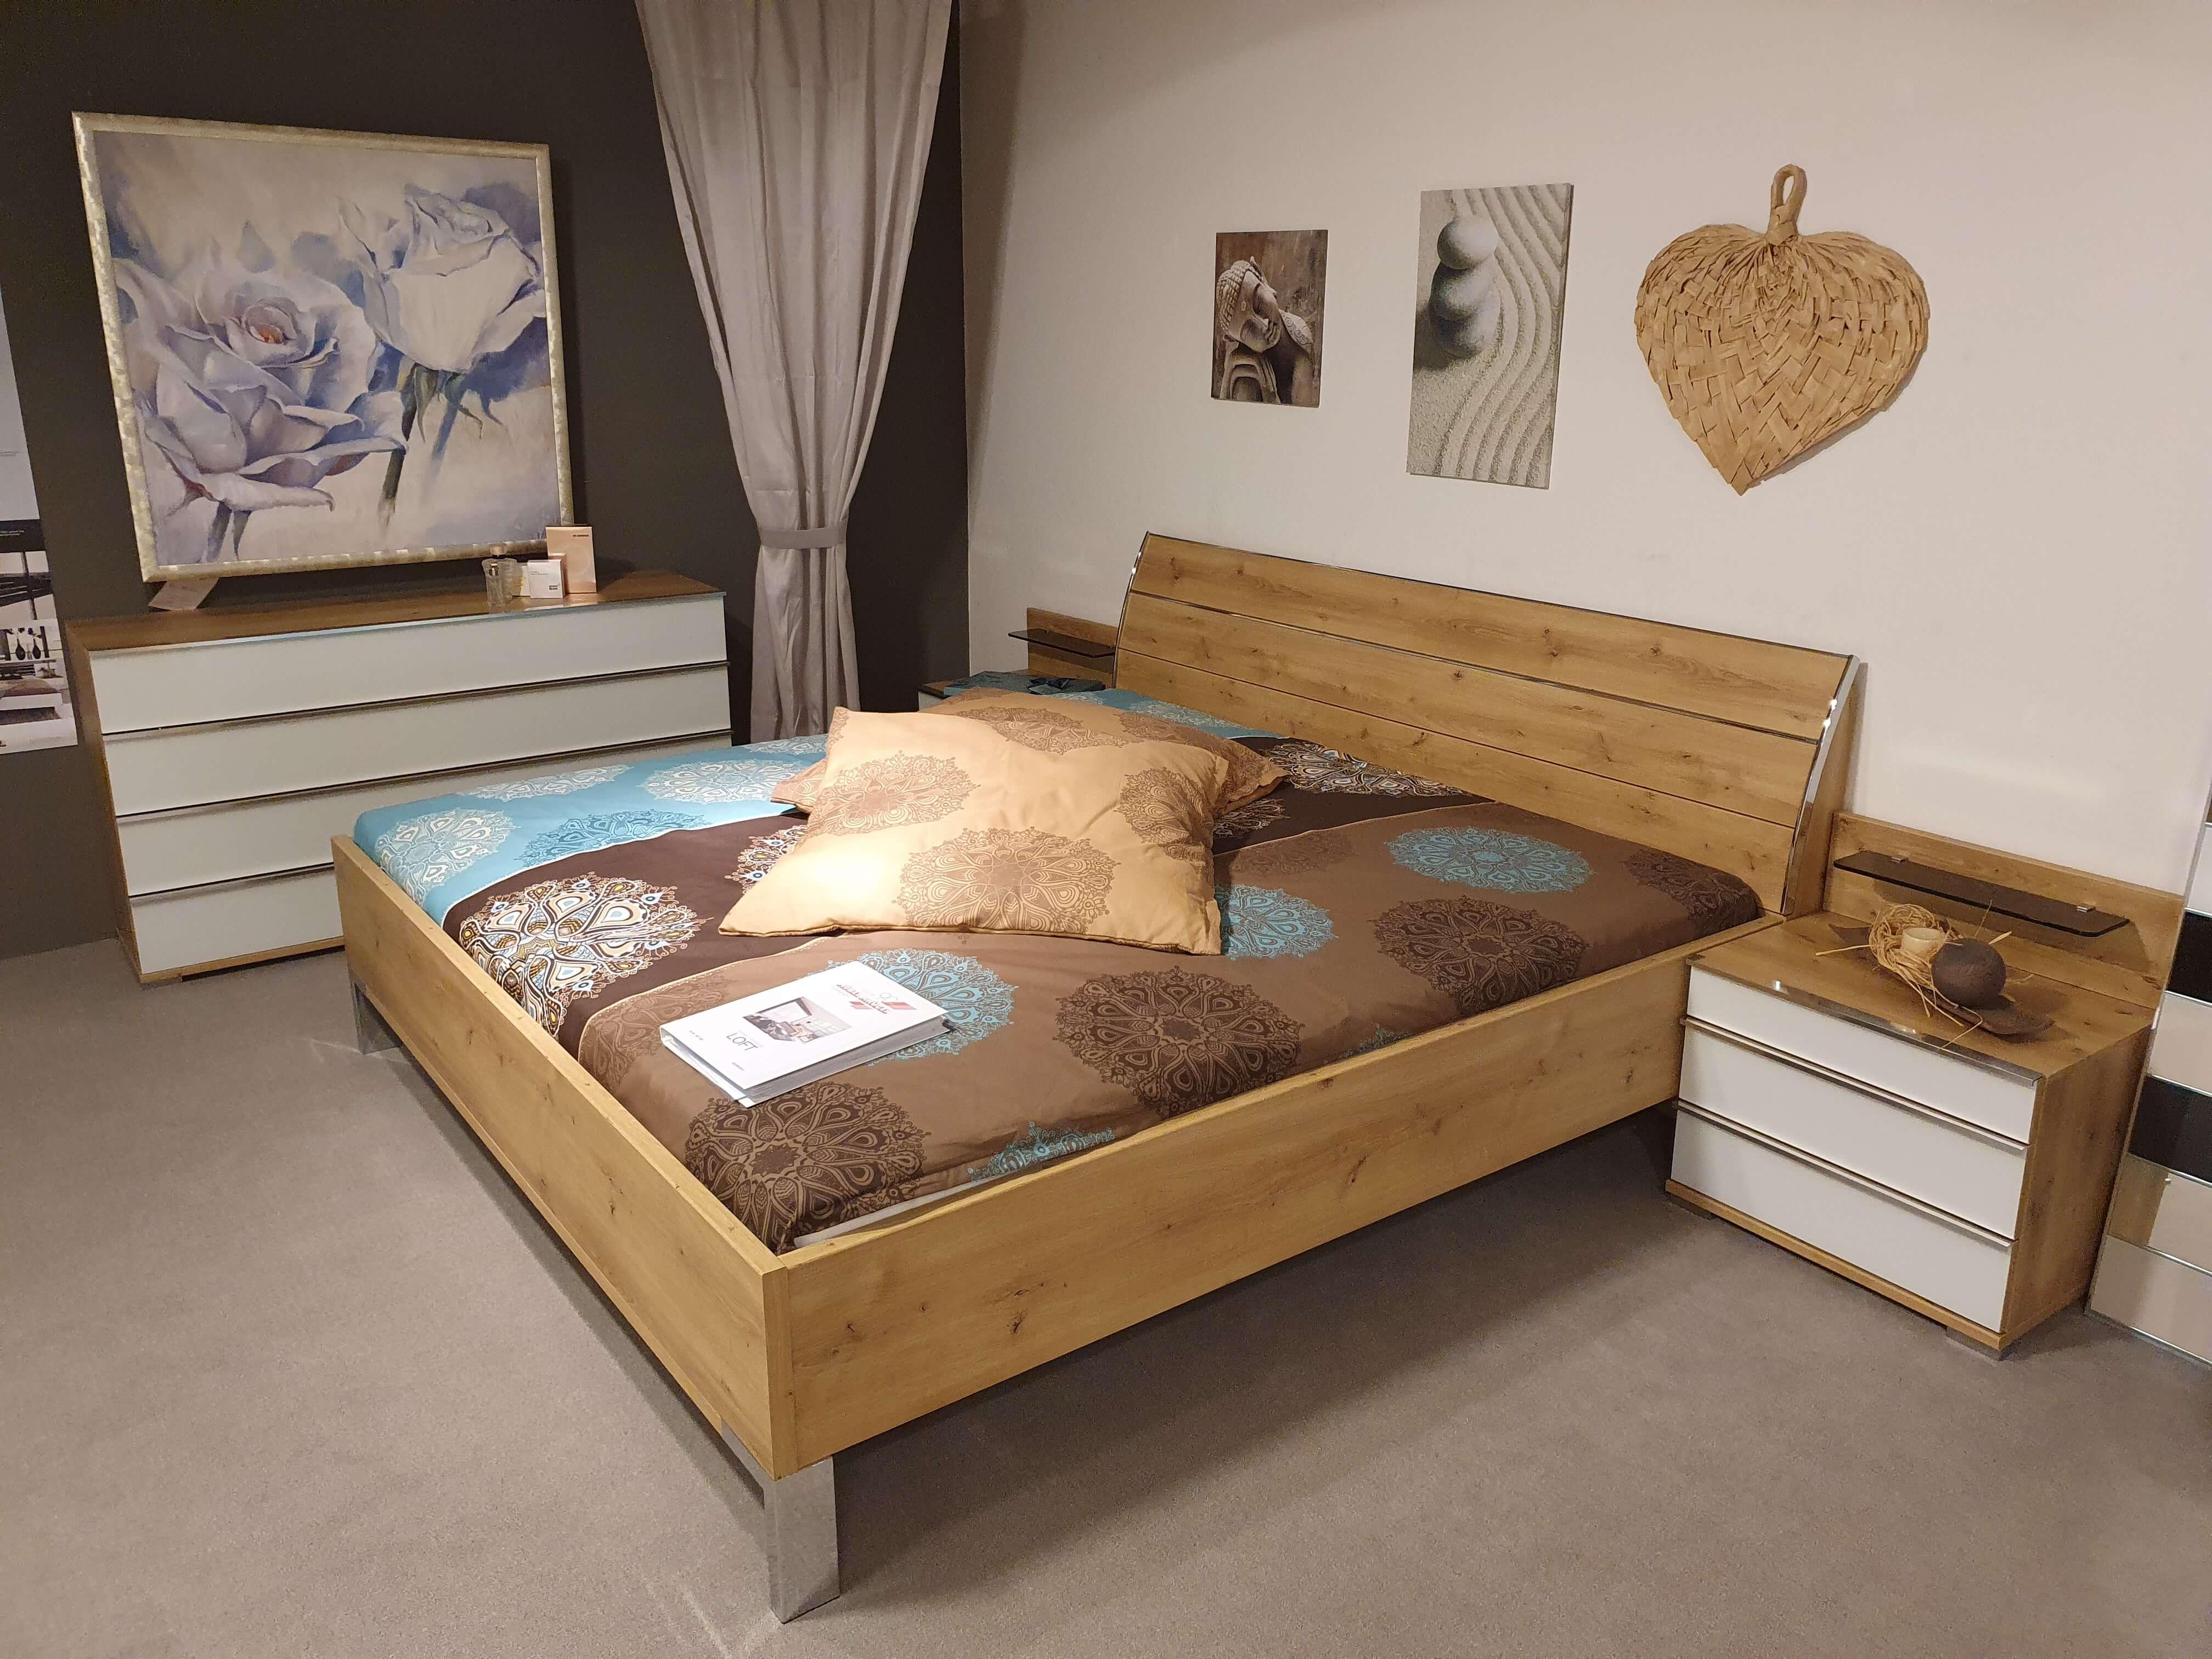 LOFT Schlafzimmer Glas weiß, Bianco Eiche Nachbildung, Kleiderschrank, Bett